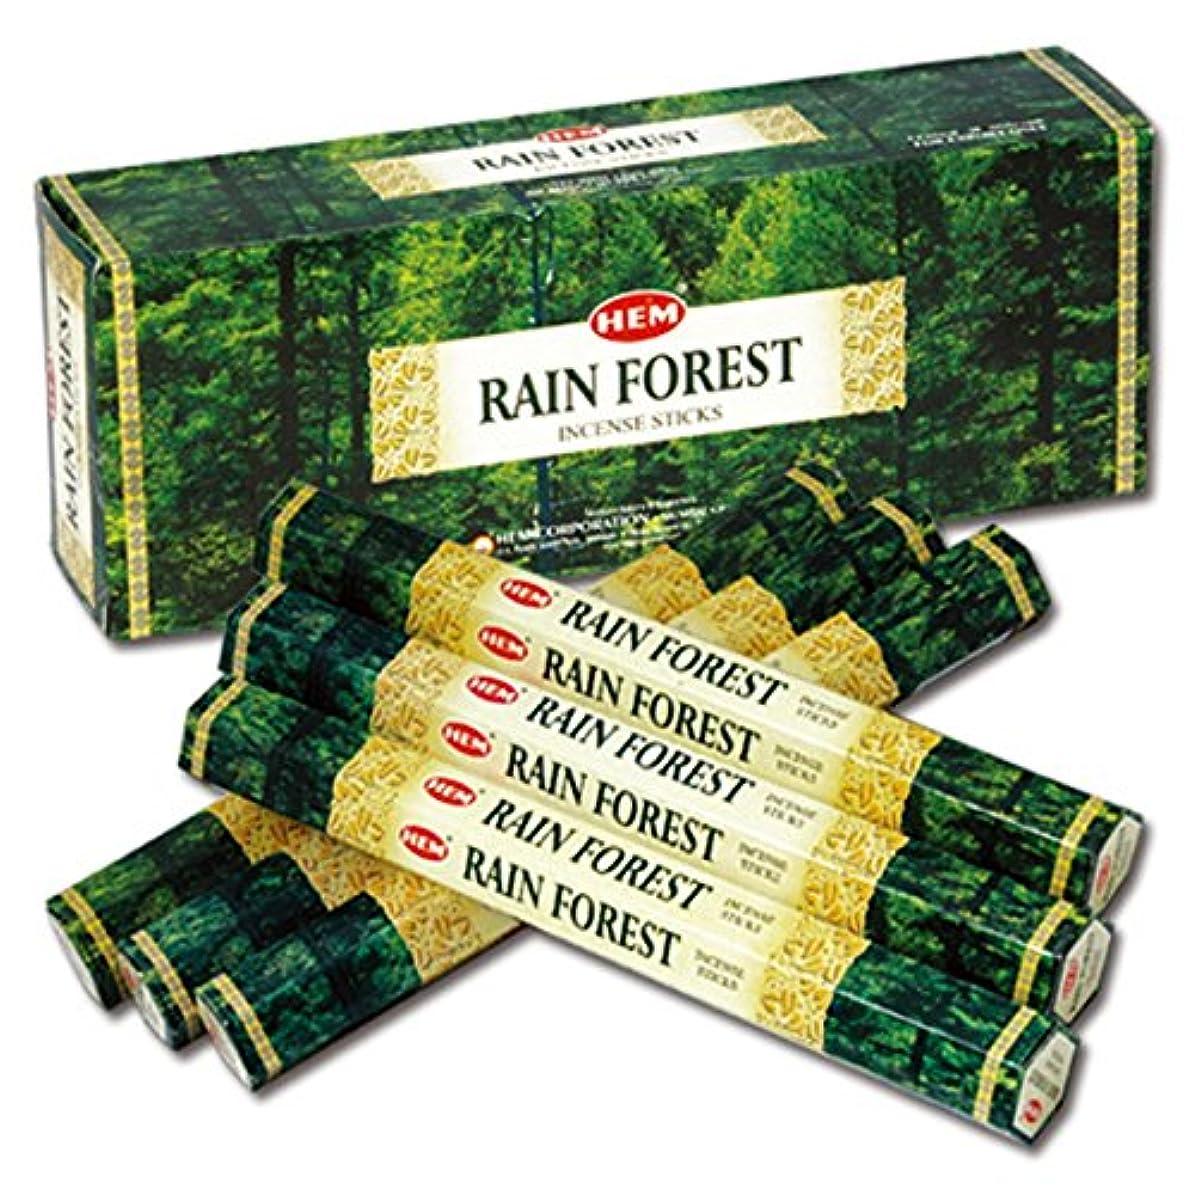 代名詞キノコ体操HEM(ヘム) レインフォレスト RAIN FOREST スティックタイプ お香 6筒 セット [並行輸入品]